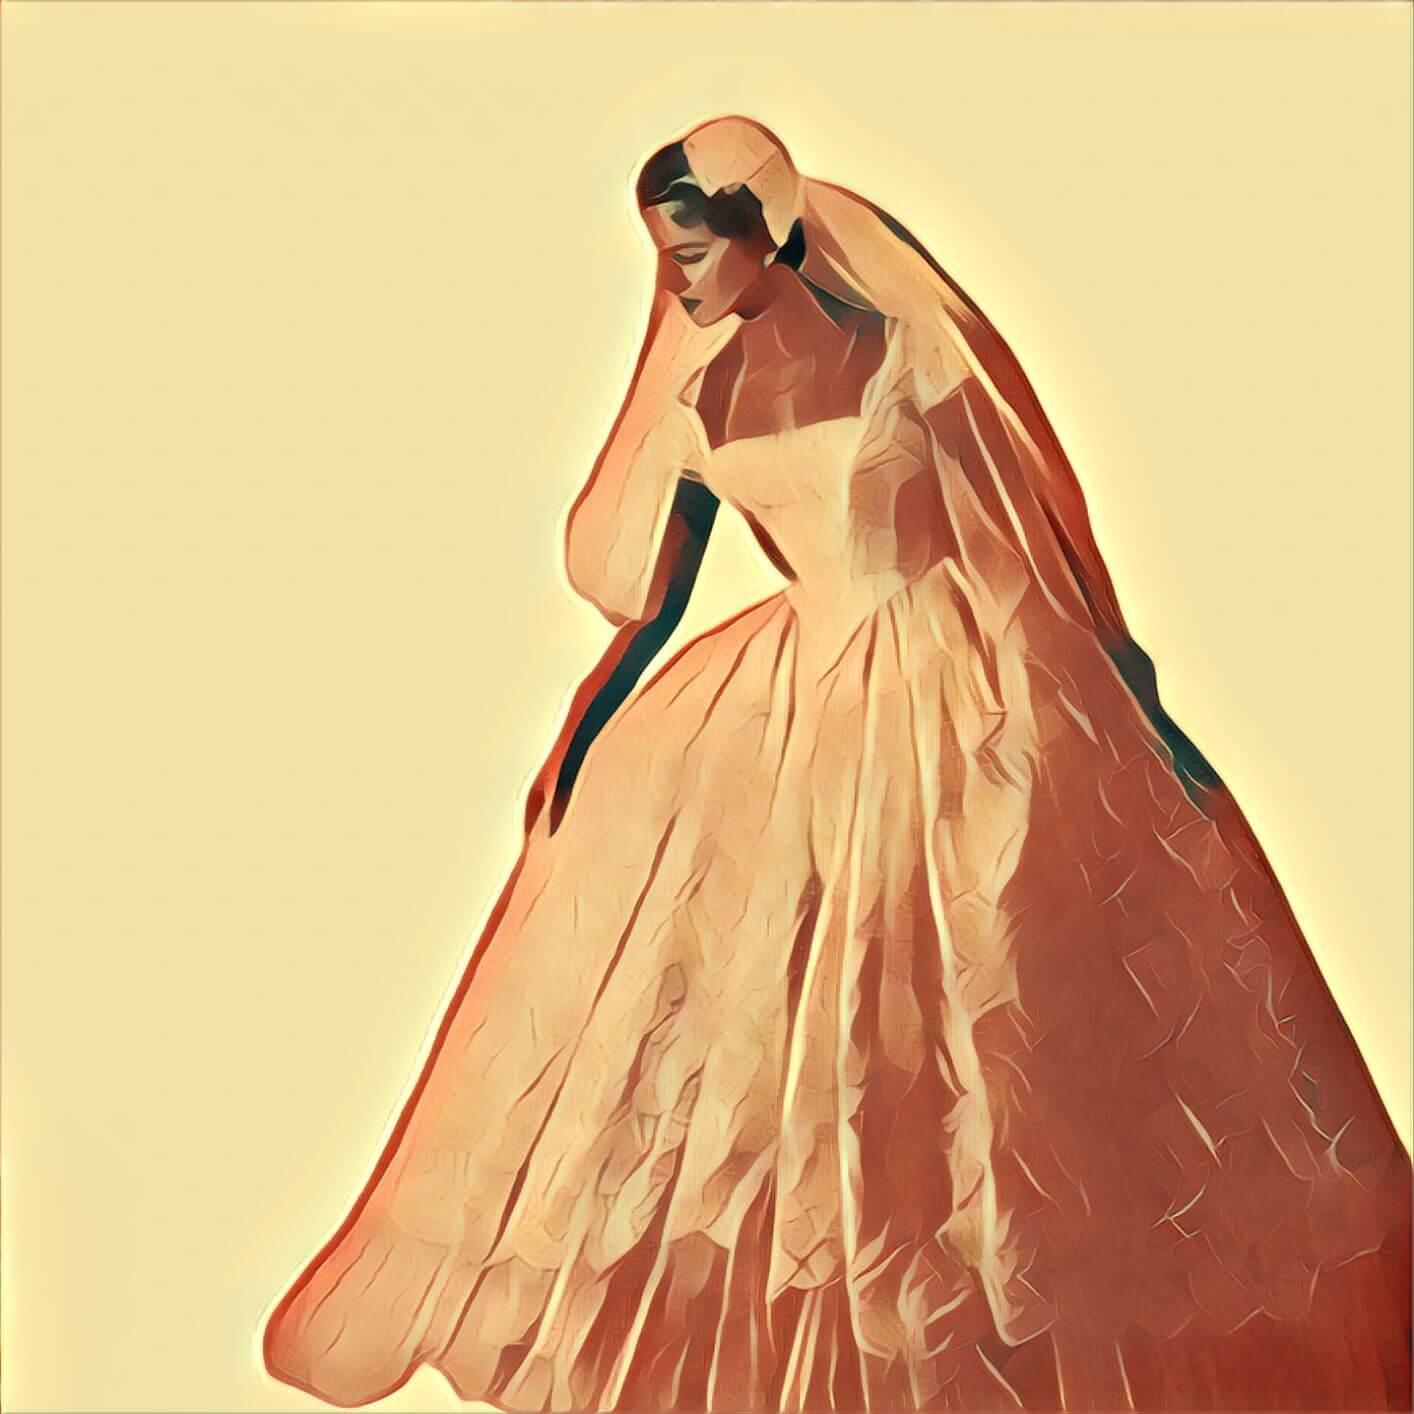 Hochzeitskleid 💍 | Traum-Deutung.de